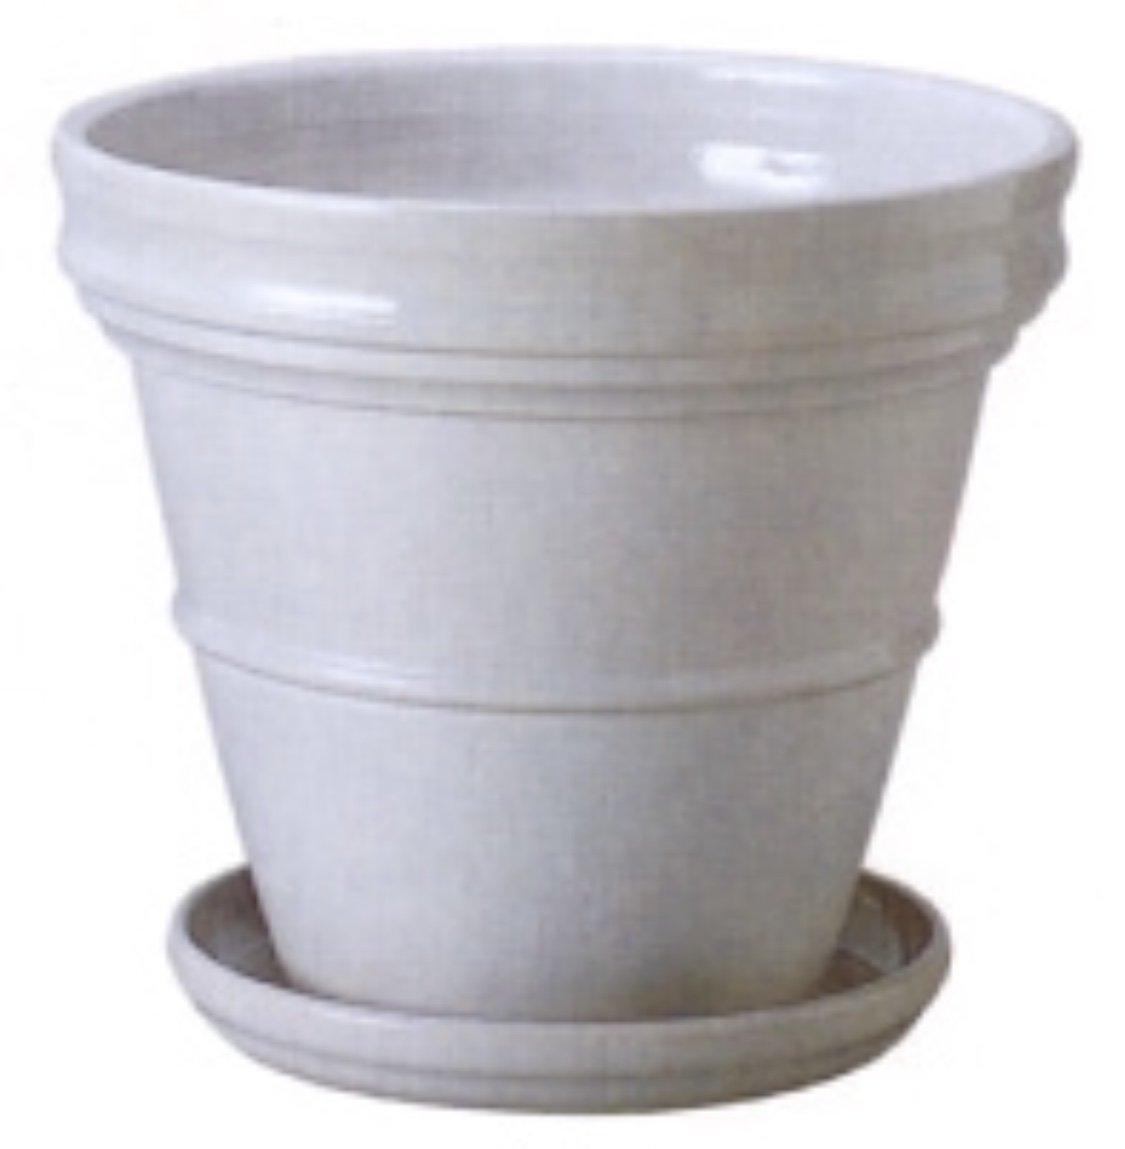 アドミナ 鉢カバー 21号用 62cm ホワイト【ミラMI-1】 陶器 信楽焼き 底穴あり、受皿付 おしゃれ B07CK22K3Z 21号|ホワイト ホワイト 21号